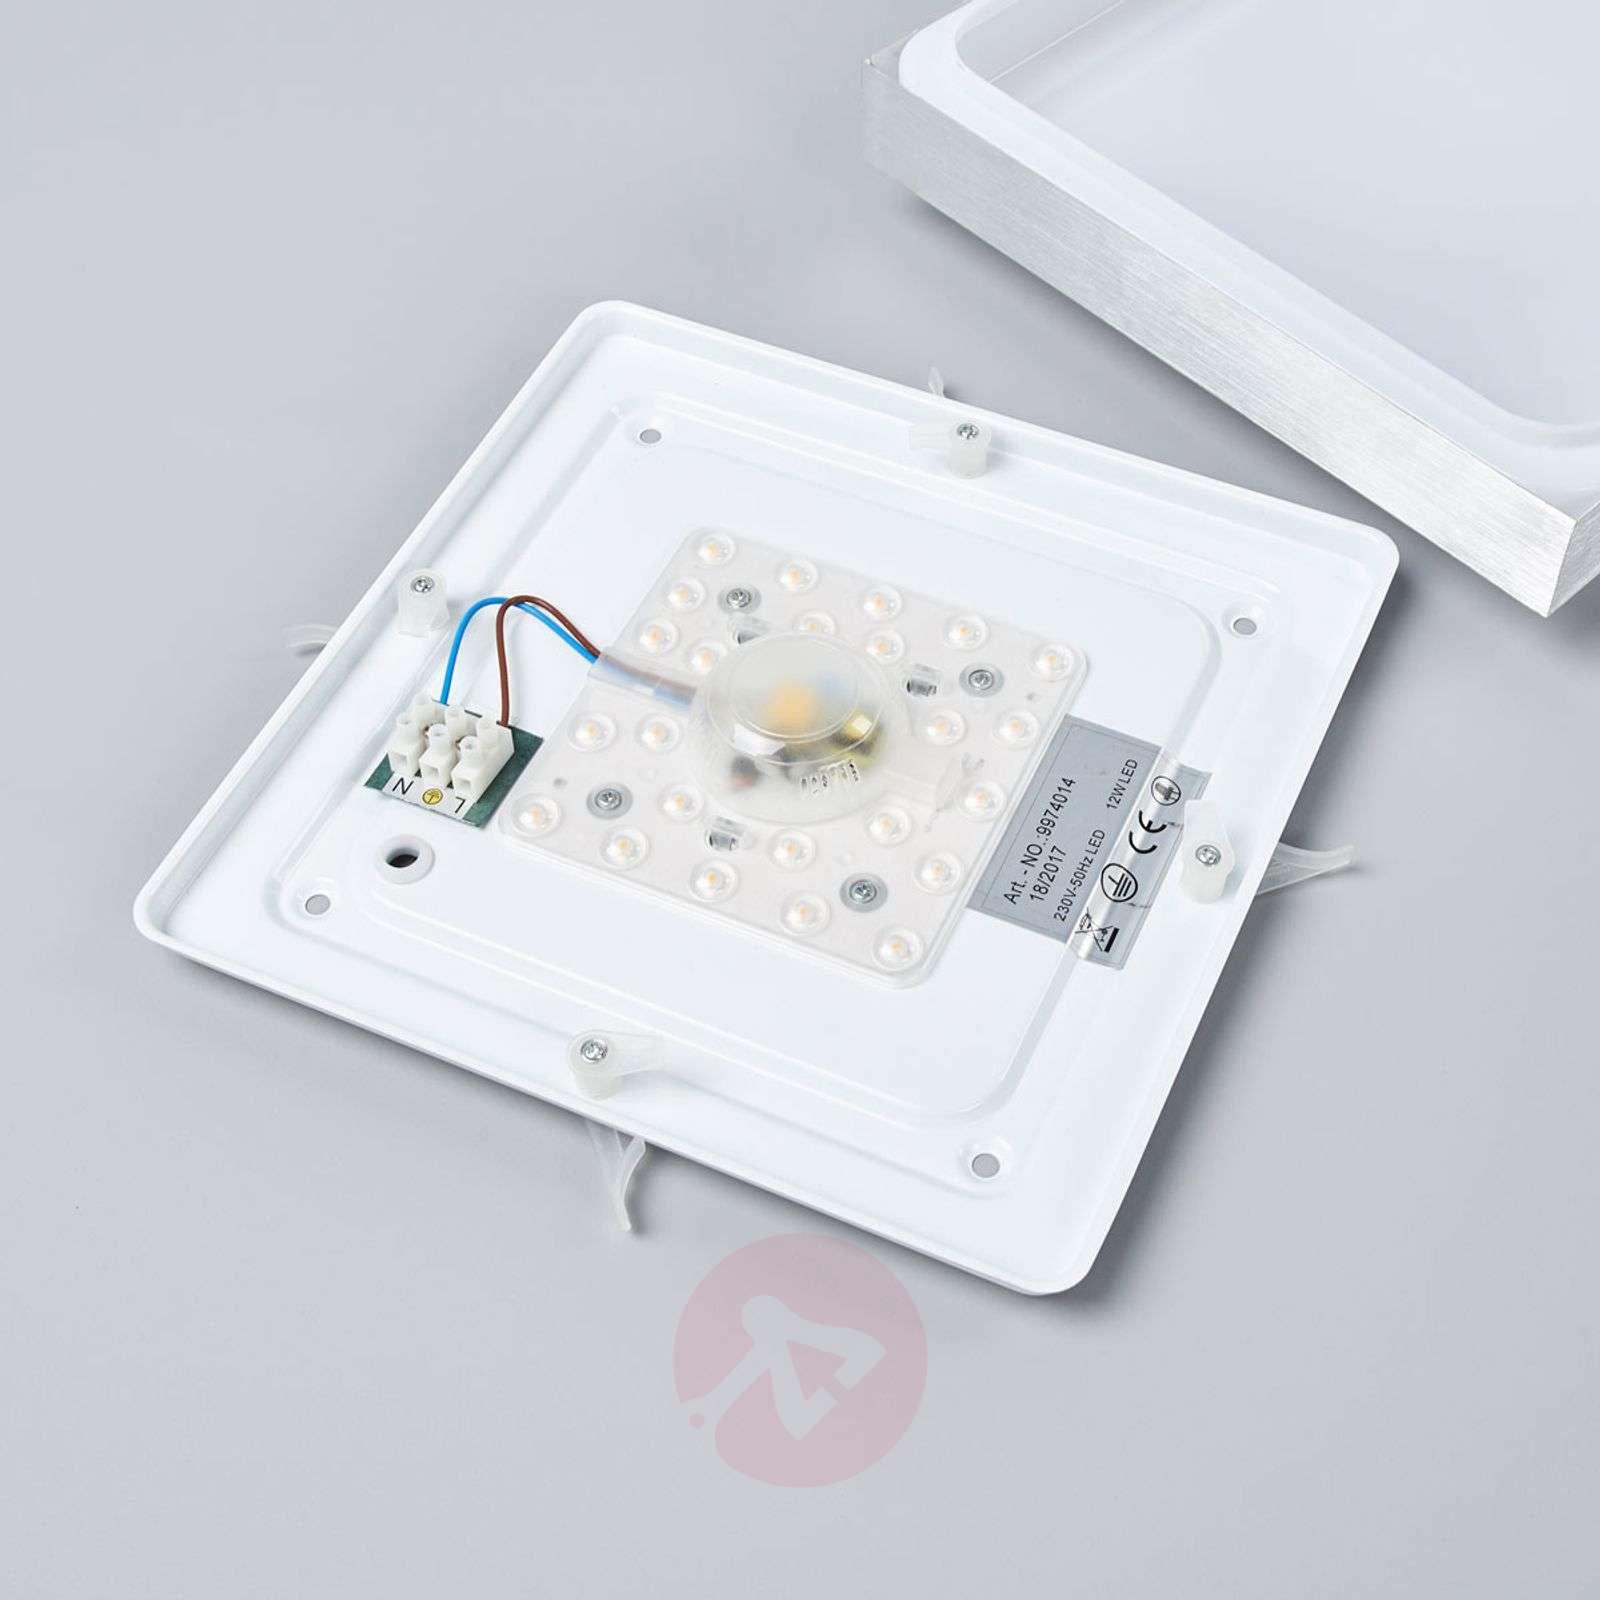 Alumiininvärinen Robito-LED-kattolamppu, neliö-9974011-01